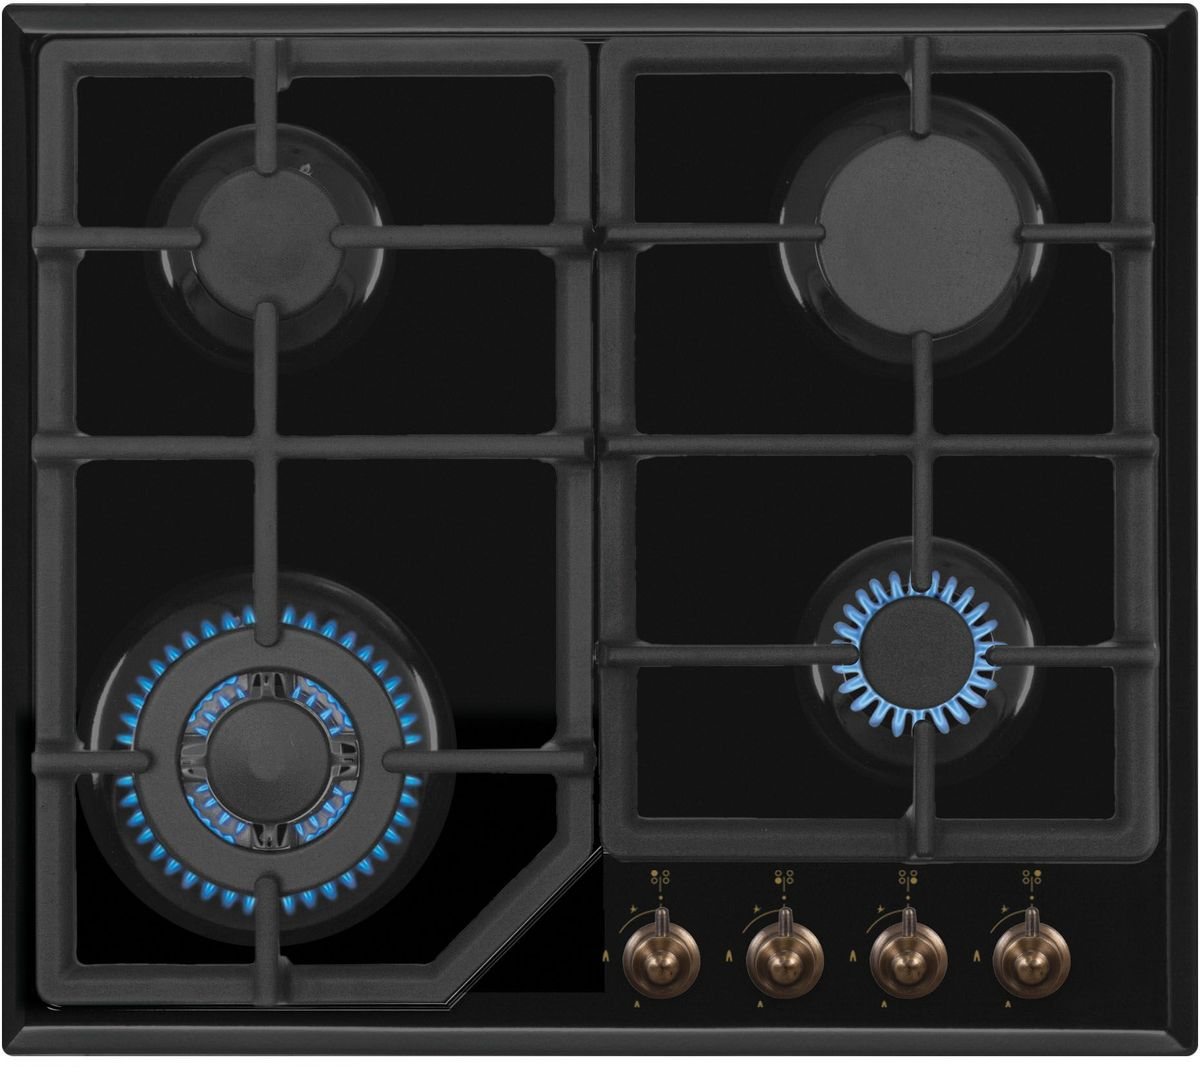 Simfer H60M41L512 панель варочная газоваяH60M41L512Газовая варочная панель Simfer H60M41L512 с чистым пламенем доведет вашу сковороду до нужной температуры без всяких задержек. Включите её и всё днище сковороды будет моментально нагрето.Благодаря идеальному расположению панели управления и индикатора уровня мощности прямо спереди этой варочной панели, любой повар, будь он левша или правша, сможет пользоваться ими с одинаковой лёгкостью.Газовая варочная поверхность Simfer H60M41L512 упрощает приготовление и делает его безопаснее благодаря особой форме подставок, обеспечивающих абсолютную устойчивость посуды.Нет способа быстрее и удобнее для того, чтобы разжечь конфорку, чем автоподжиг варочной панели. Просто поверните ручку, чтобы открыть и зажечь газ одним плавным движением.